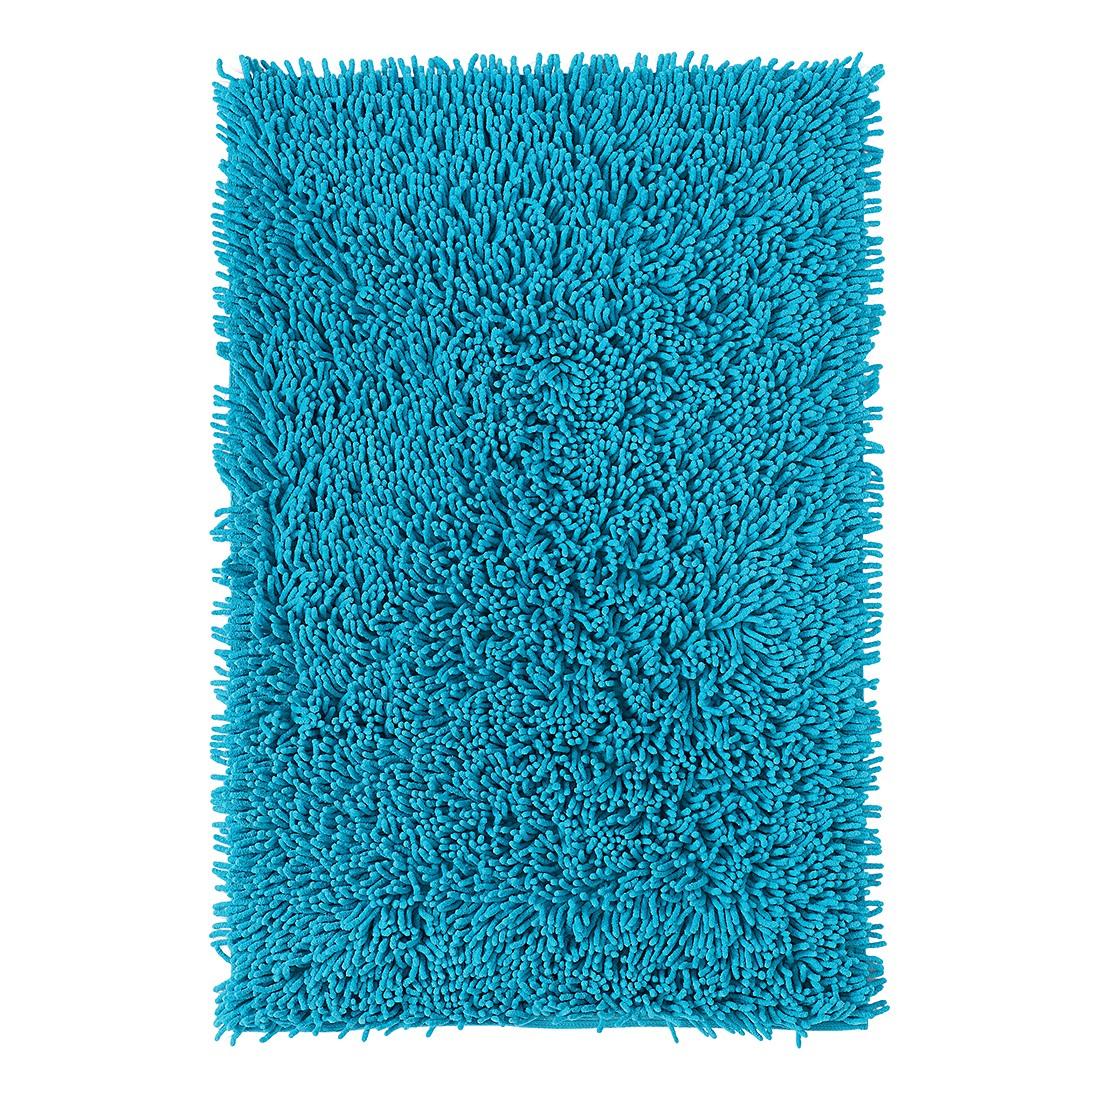 Badteppich Corall - Türkis - WC-Vorlage: 55 x 55 cm, Grund